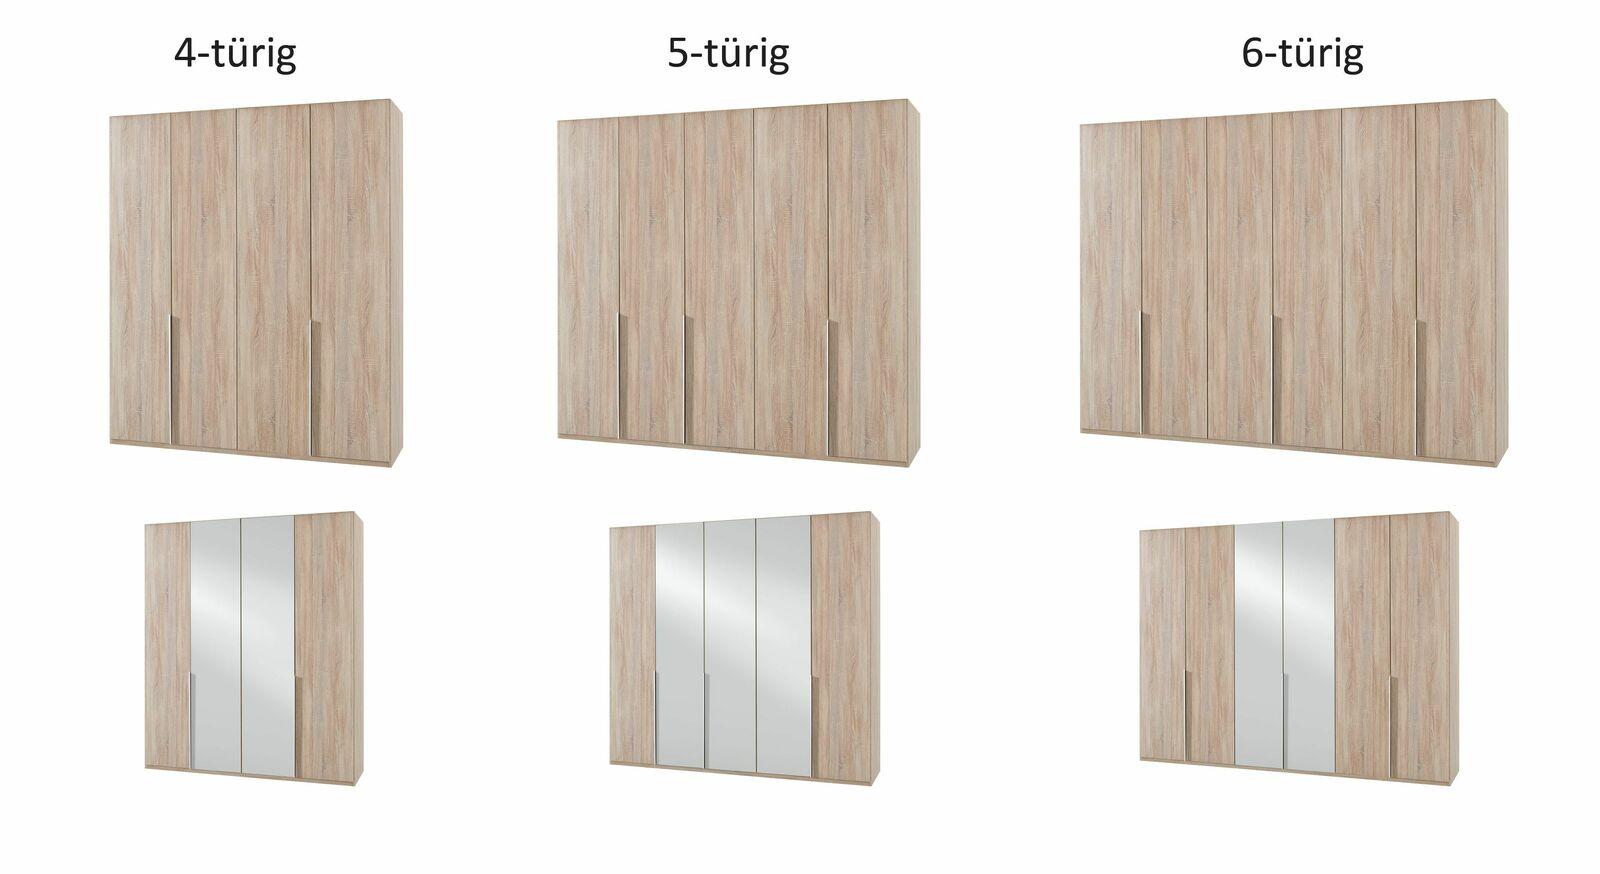 Breite Varianten des Drehtüren-Kleiderschranks Coreno